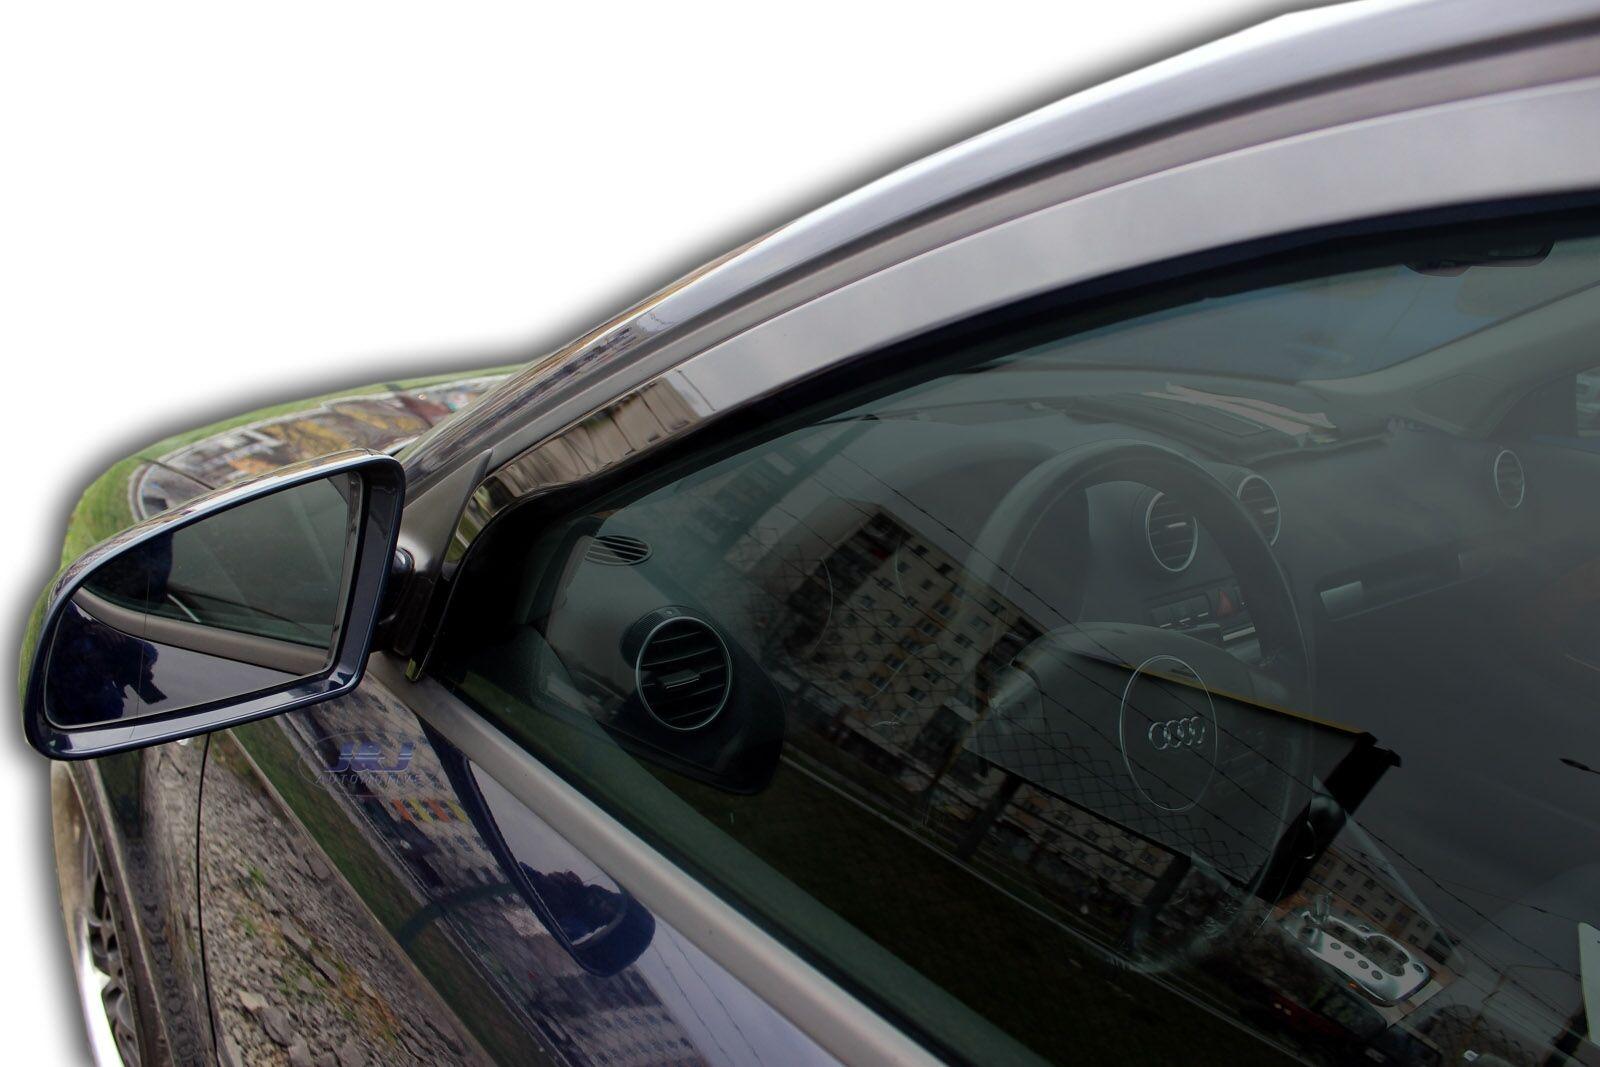 DEFLETTORE PER ARIA E PIOGGIA PROTEZIONE ANTIVENTO PER FINESTRINO AUTO BARRA PER VETRO DEFLETTORI DARIA ANTERIORE PARAVENTO FUME 19.225 COMPATIBILE CON Audi A3 3P 03-12